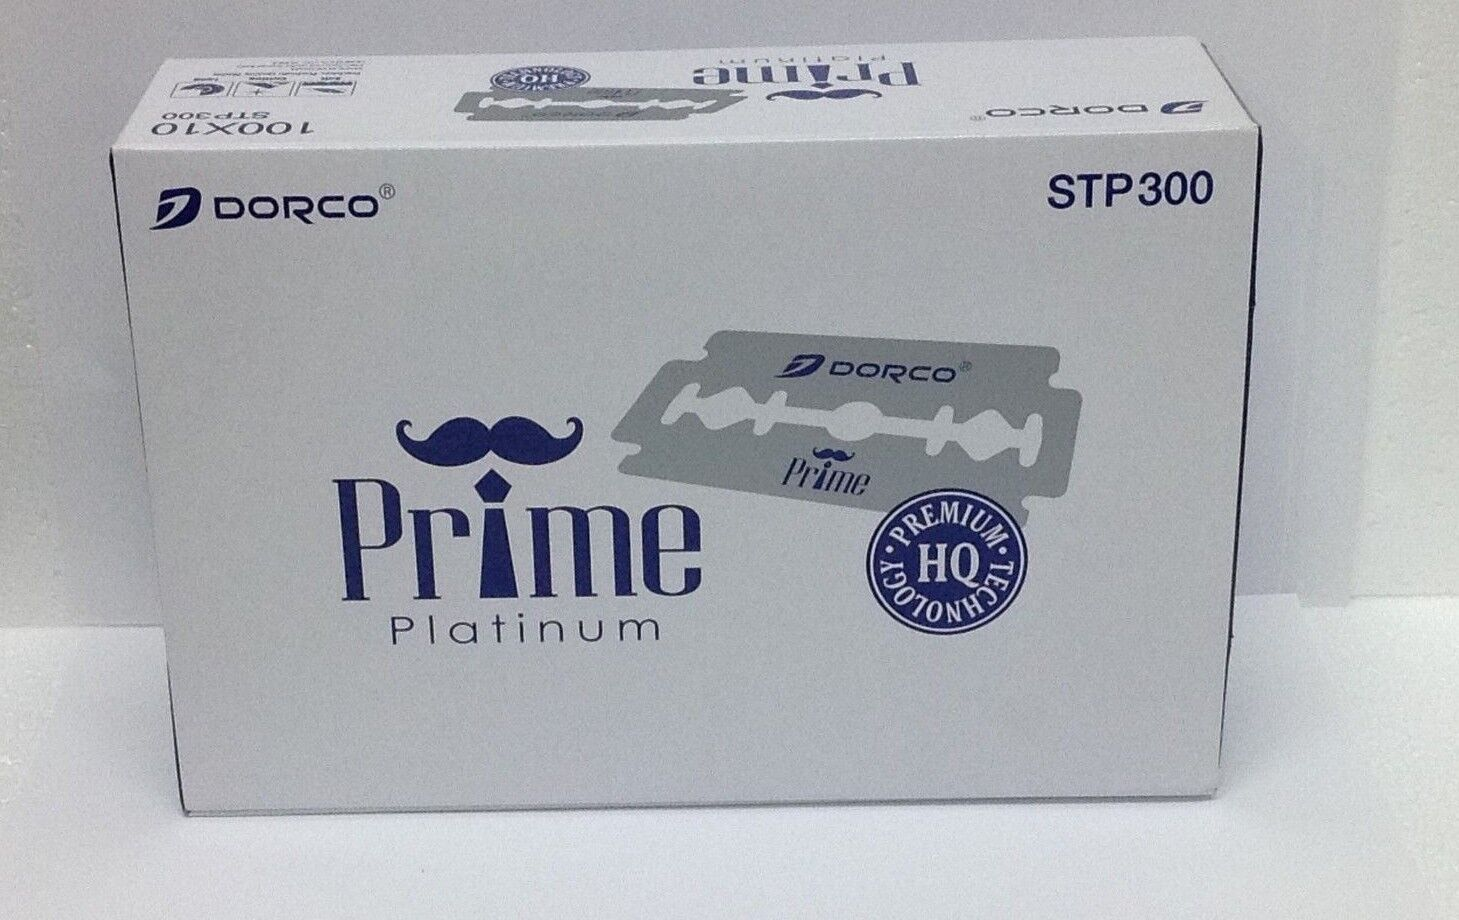 1000 Dorco Prime Platinum Double Edge Razor Blades-BRAND NEW